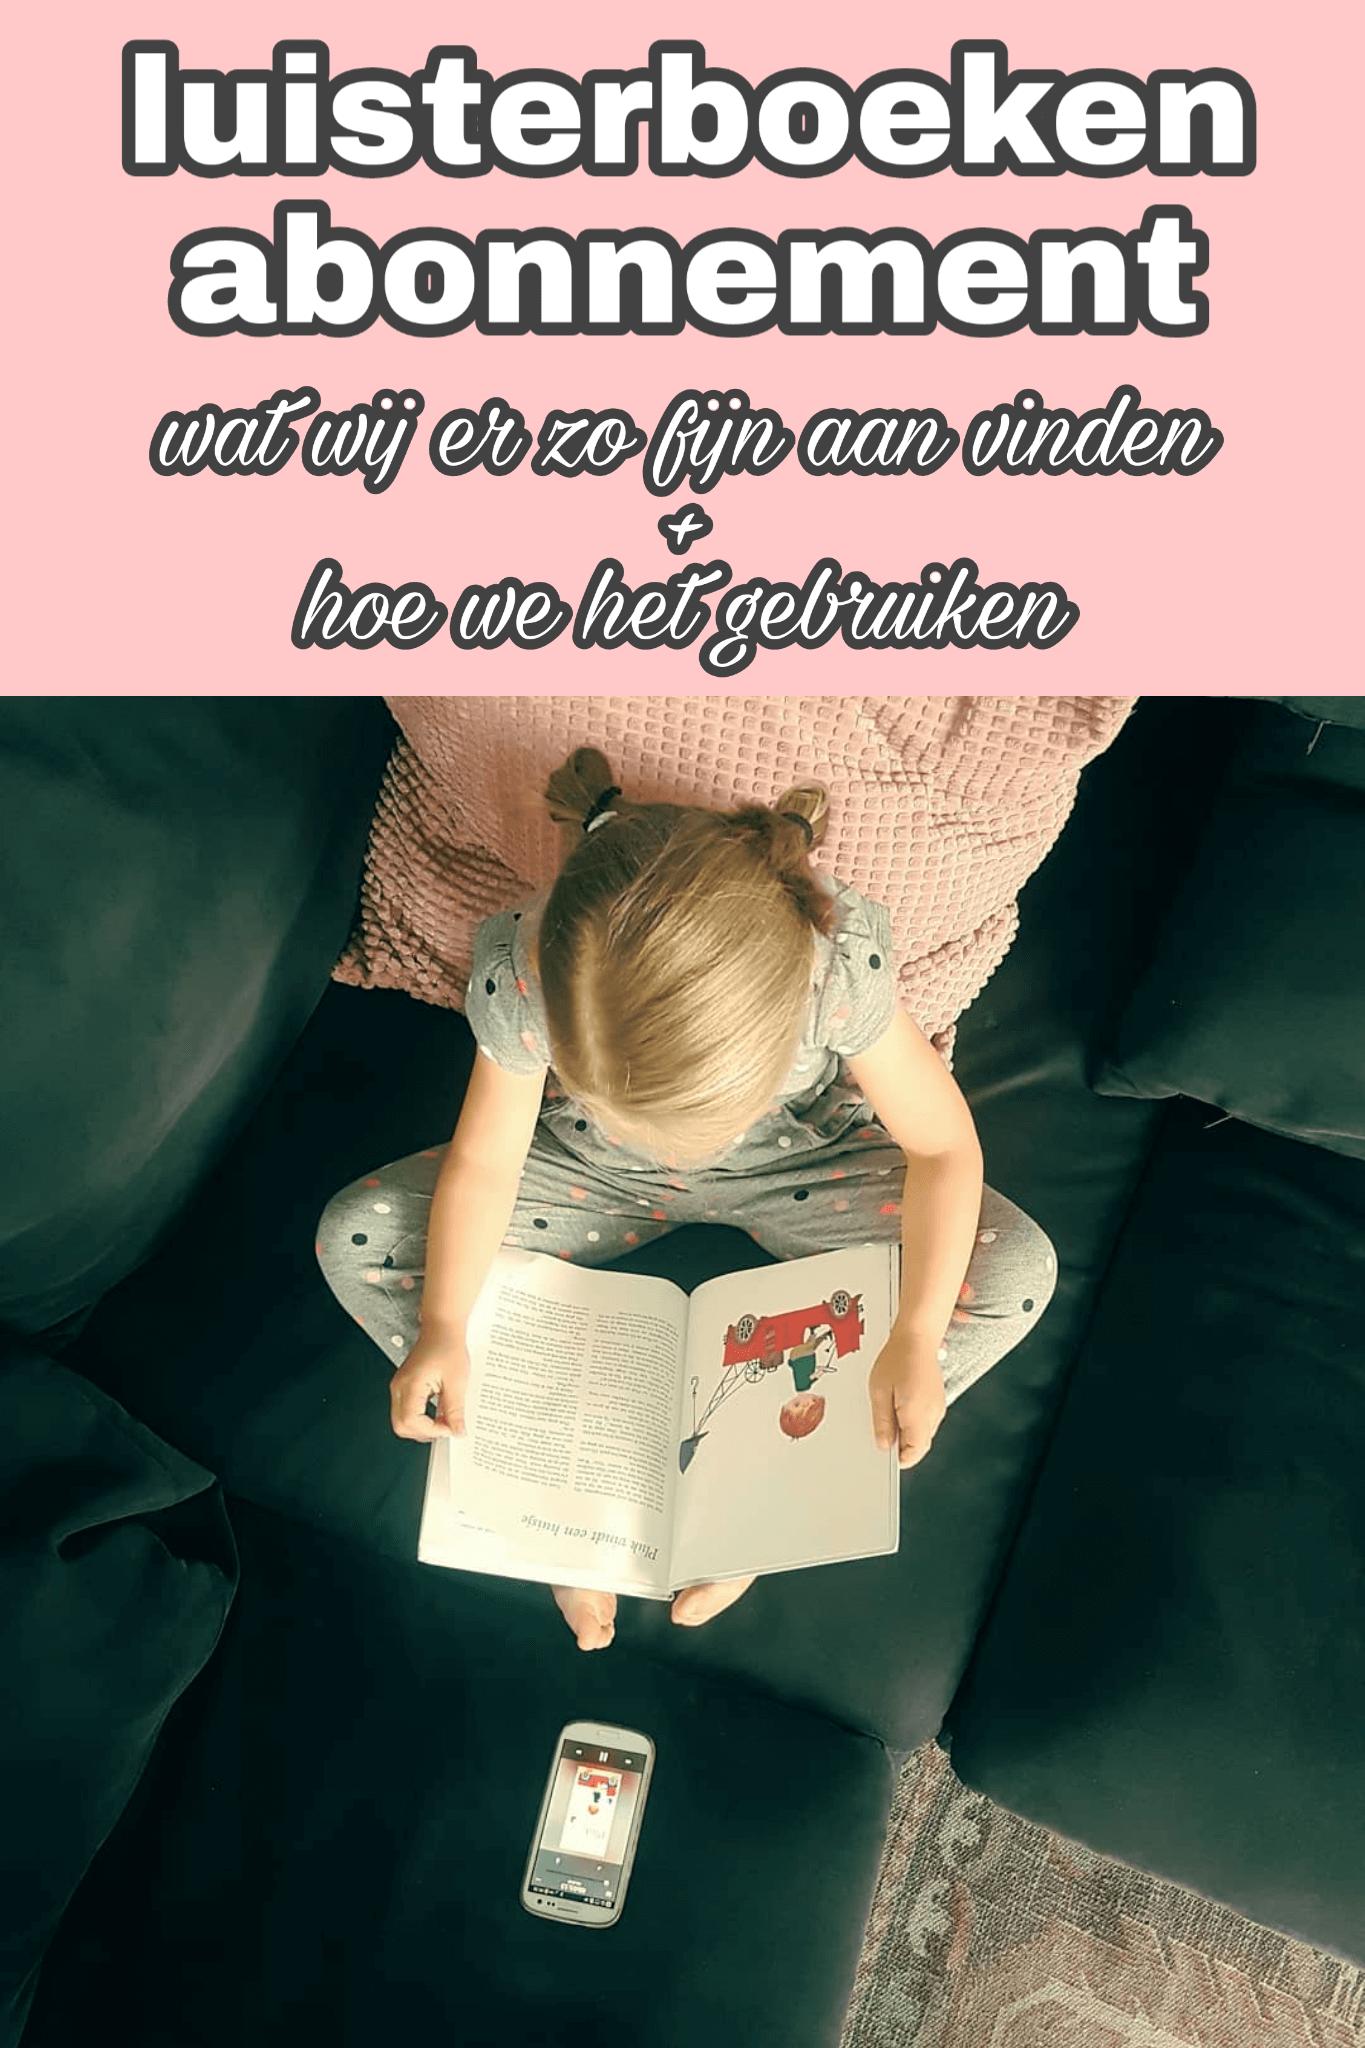 Luisterboeken abonnement: wat wij er zo fijn aan vinden + hoe we het gebruiken